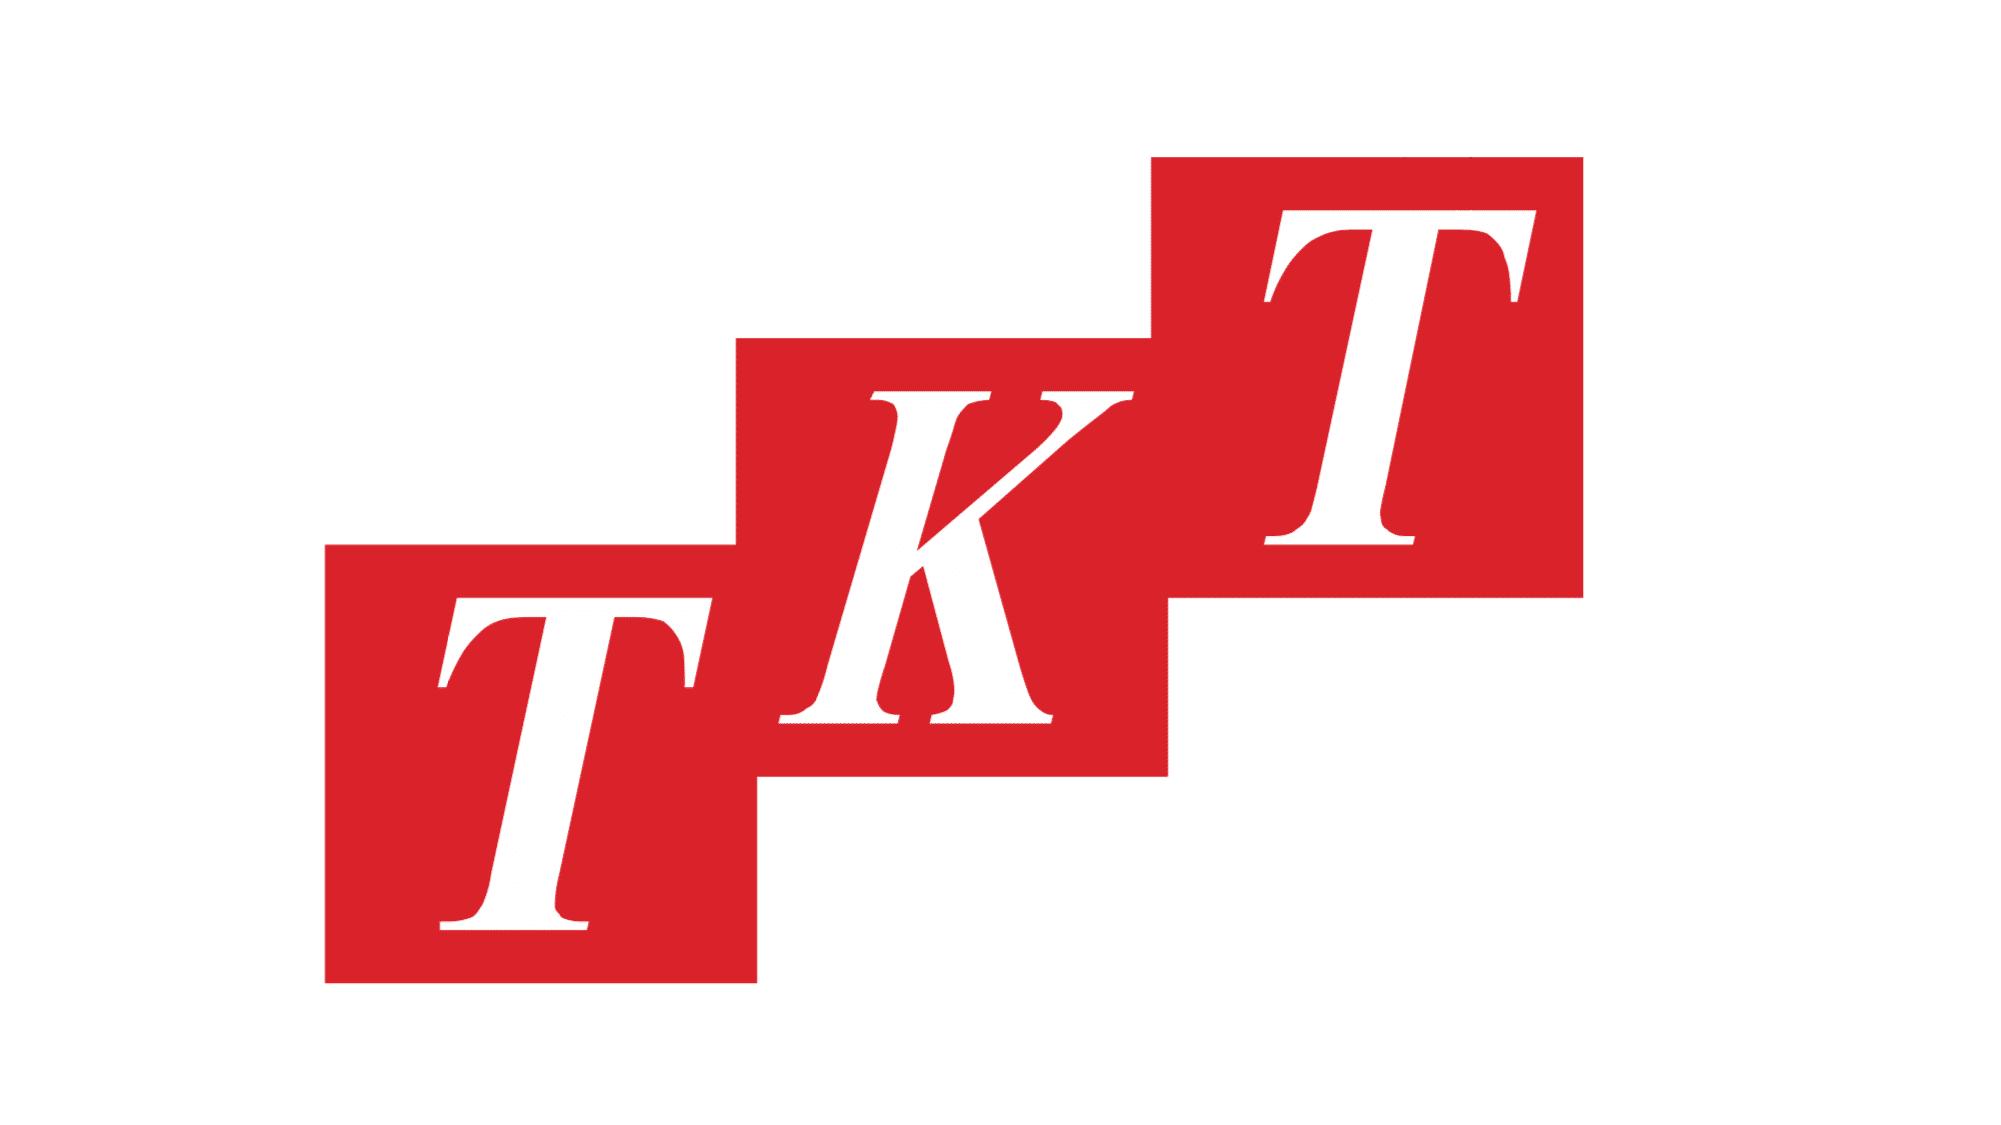 tkt logo